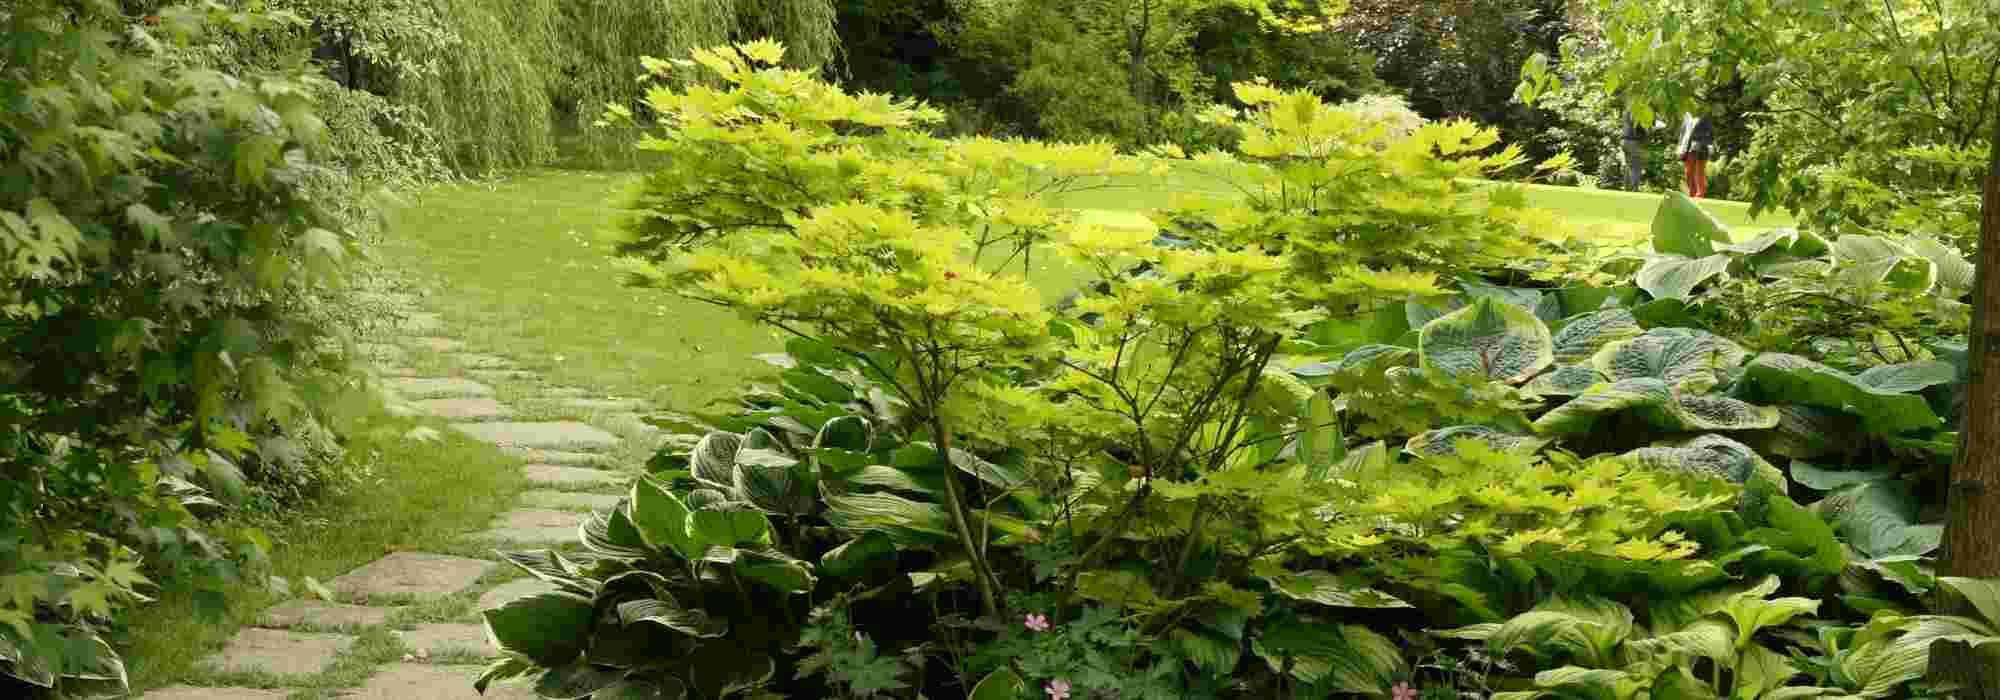 Arbuste Pour Terrain Calcaire arbuste d'ombre : 10 variétés indispensables au jardin